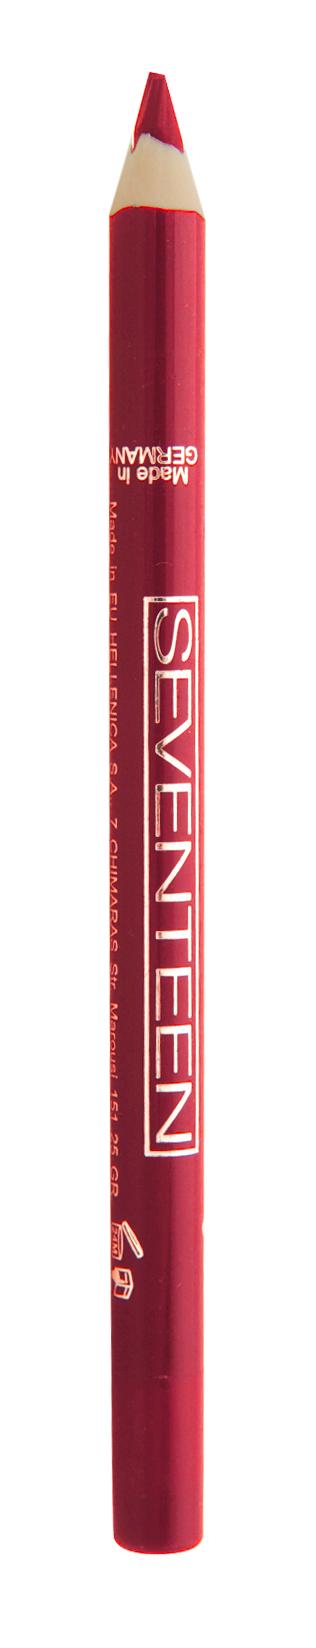 SEVENTEEN Карандаш для губ водостойкий с витамином Е, 14 насыщенный красный / Super Smooth W/P Lip Liner 1,2 г косметические карандаши seventeen карандаш для губ водостойкий с витамином е super smooth w p lip liner 32